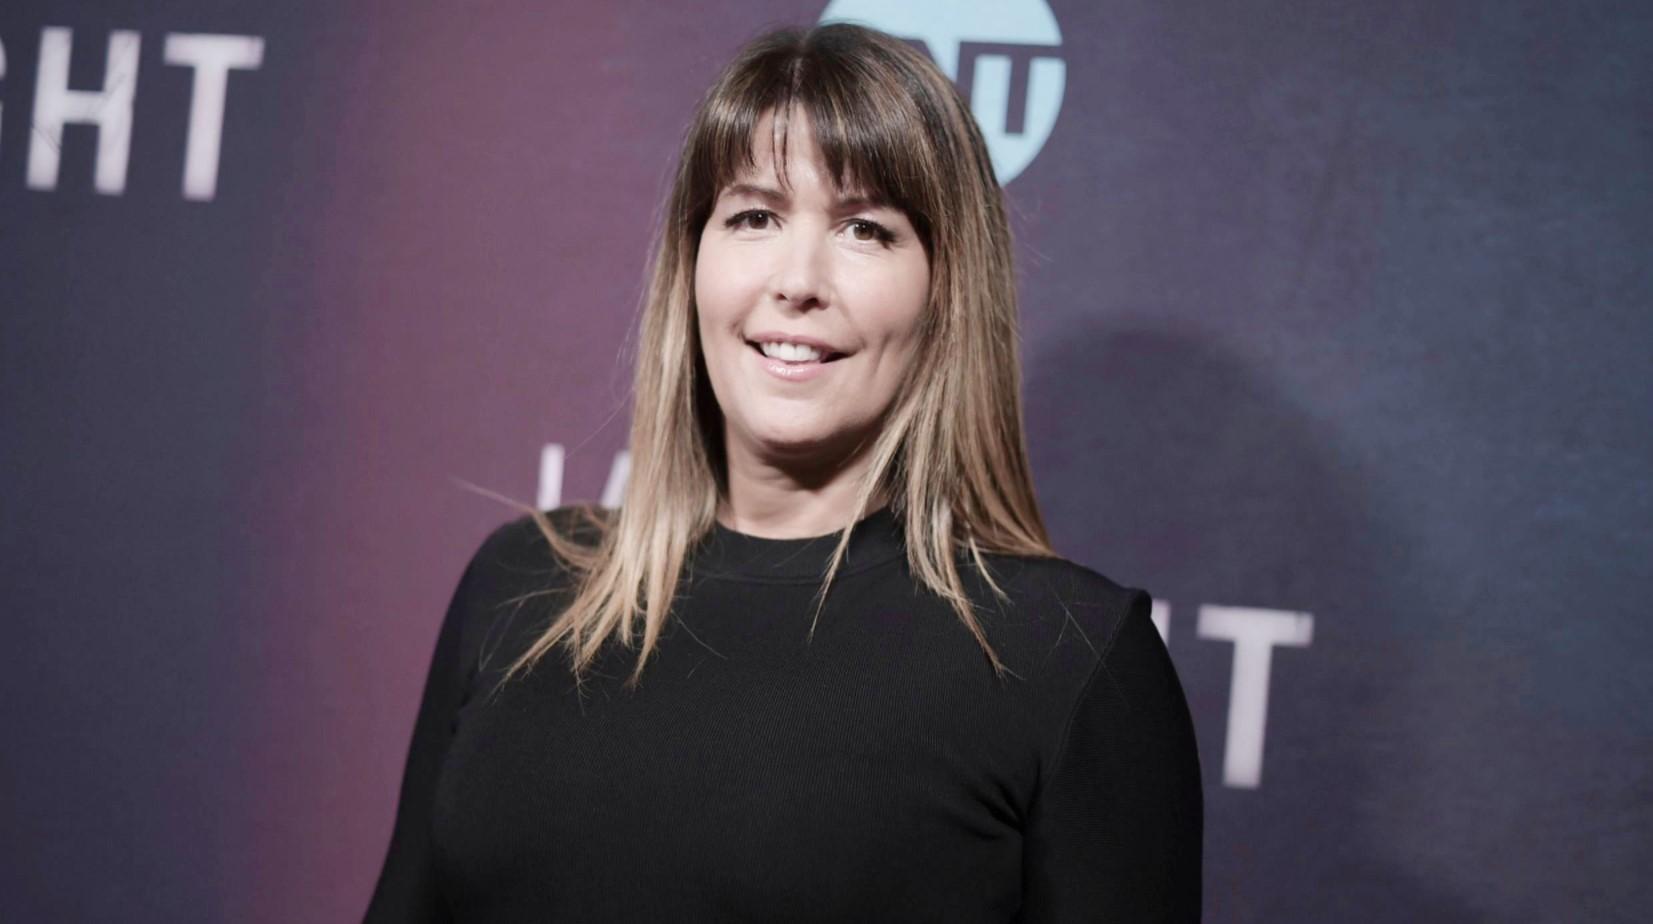 Пэтти Дженкинс раскритиковала «Лигу справедливости» Джосса Уидона